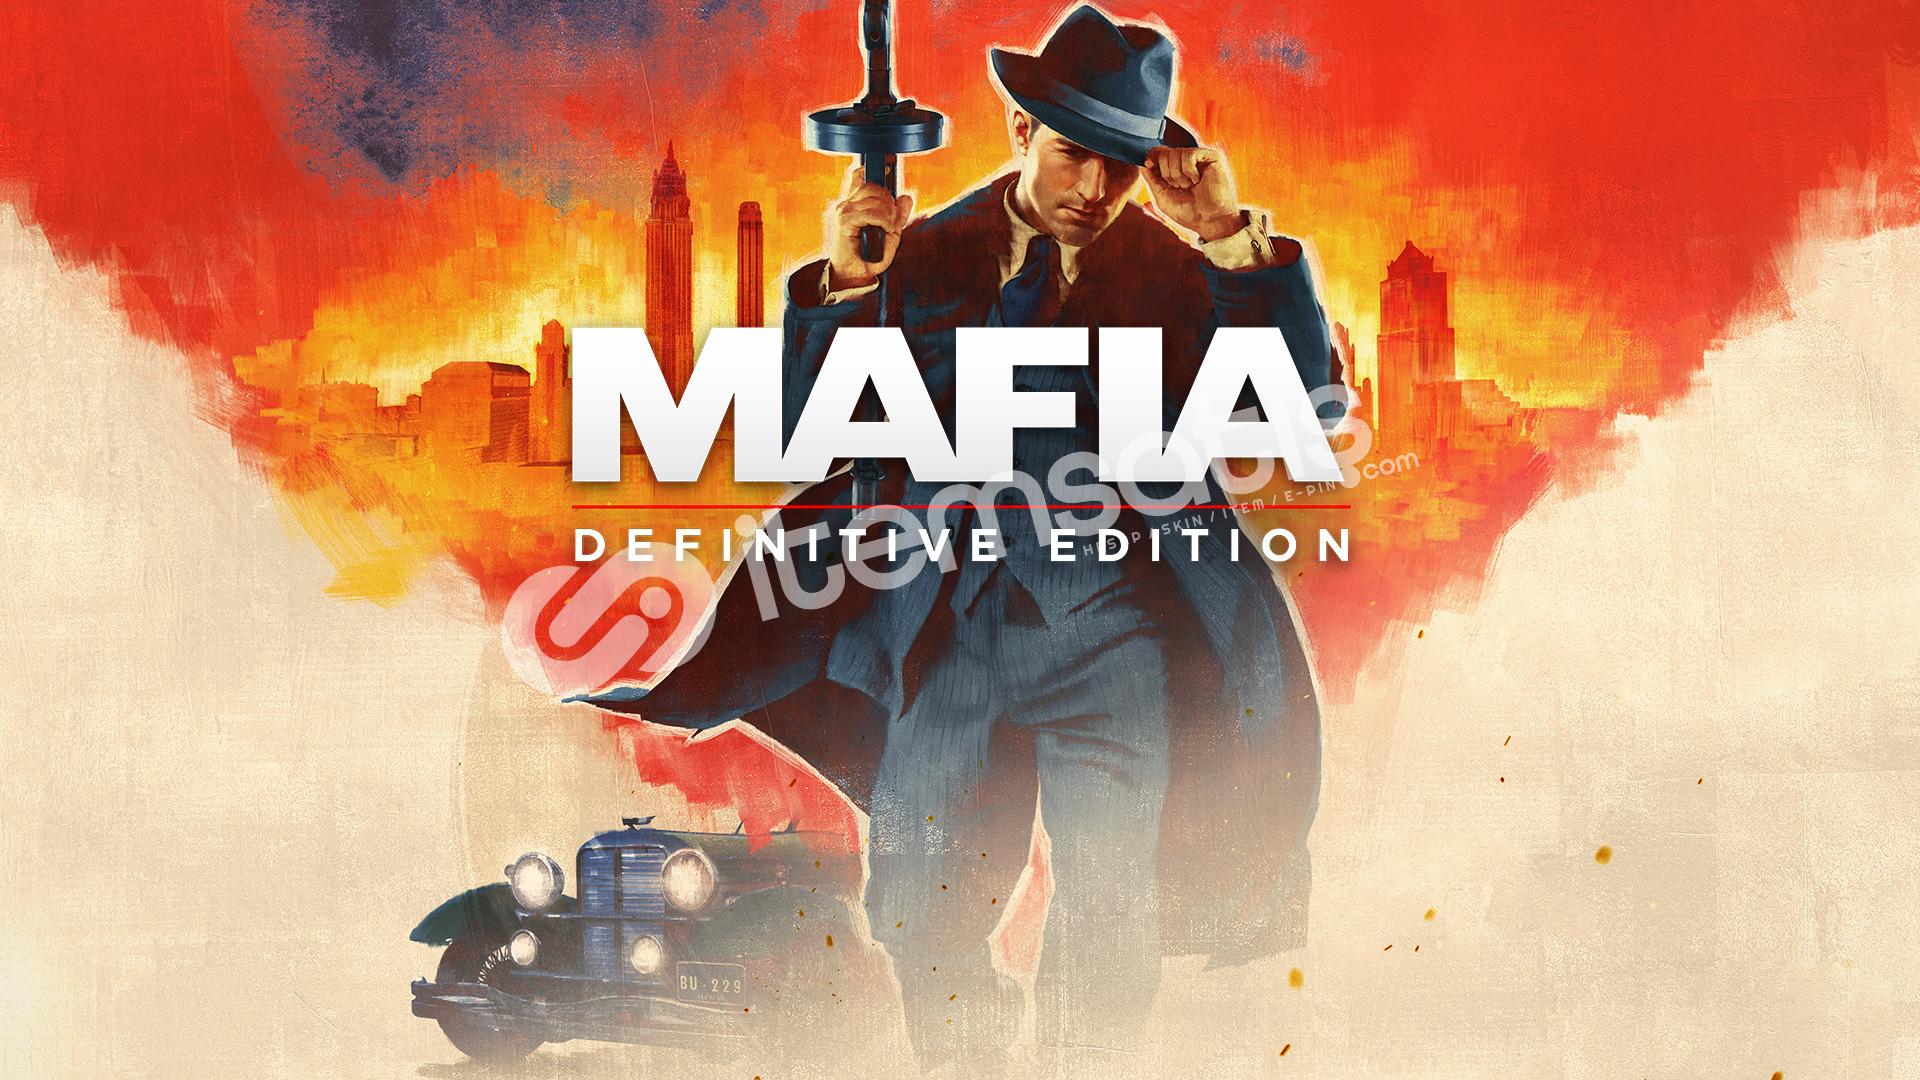 Mafia: Definitive Edition (3.99TL)